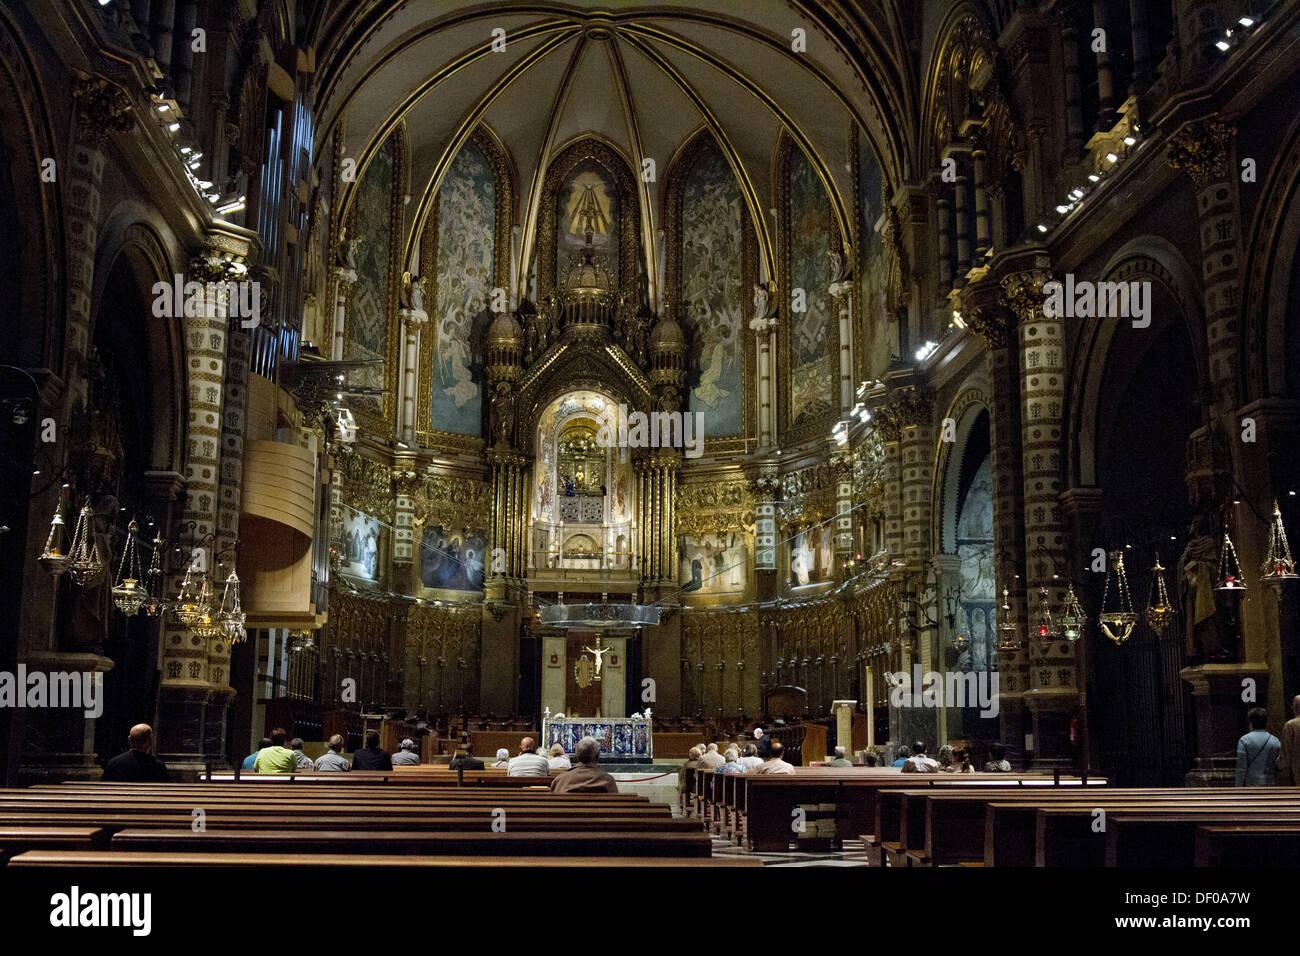 Im Inneren eine gotische Kathedrale in Barcelona Spanien Stockbild